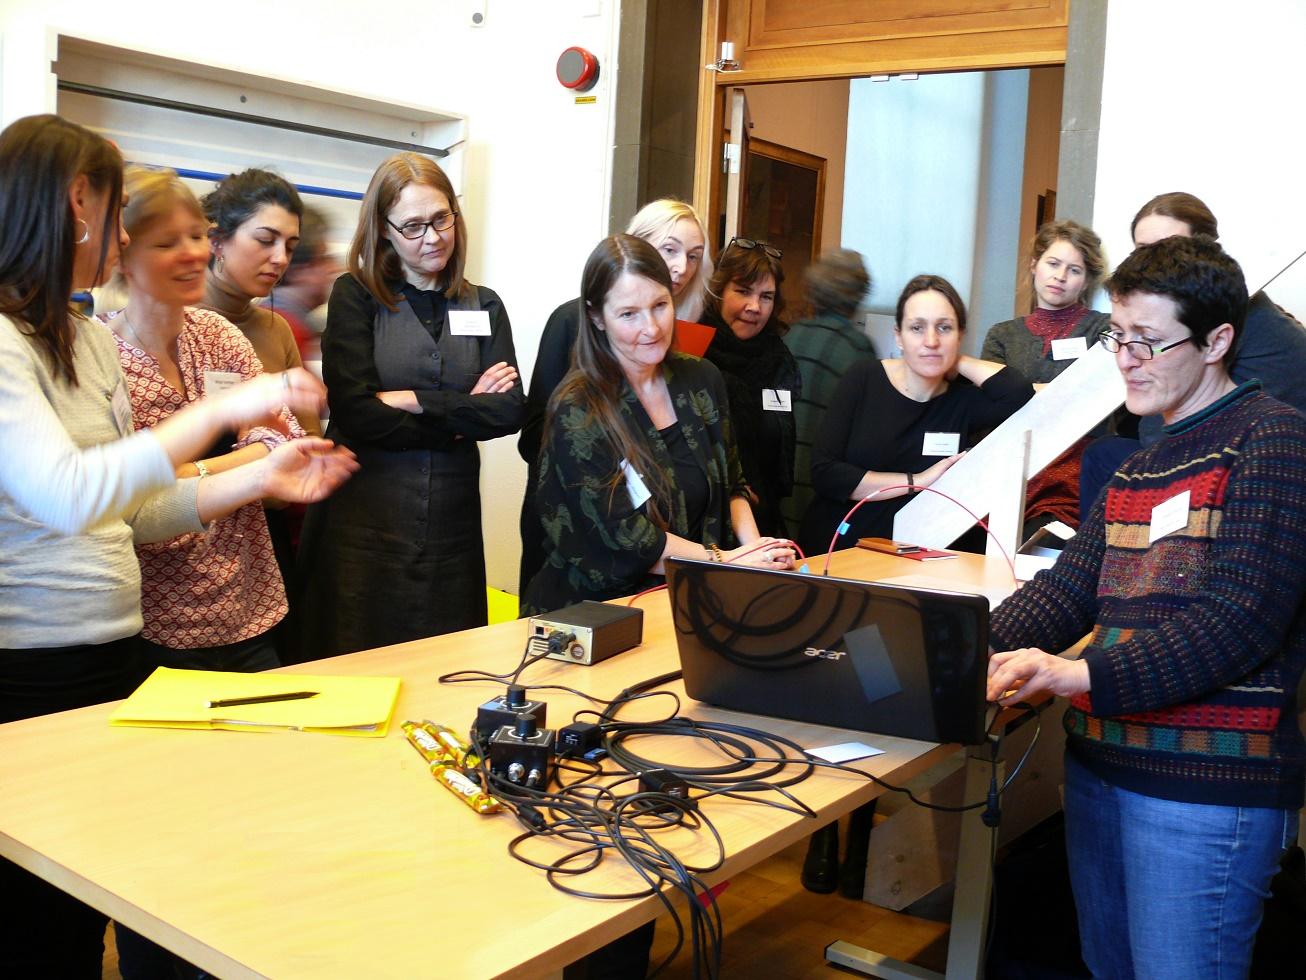 Workshop participants. Photo Gothenburg Museum